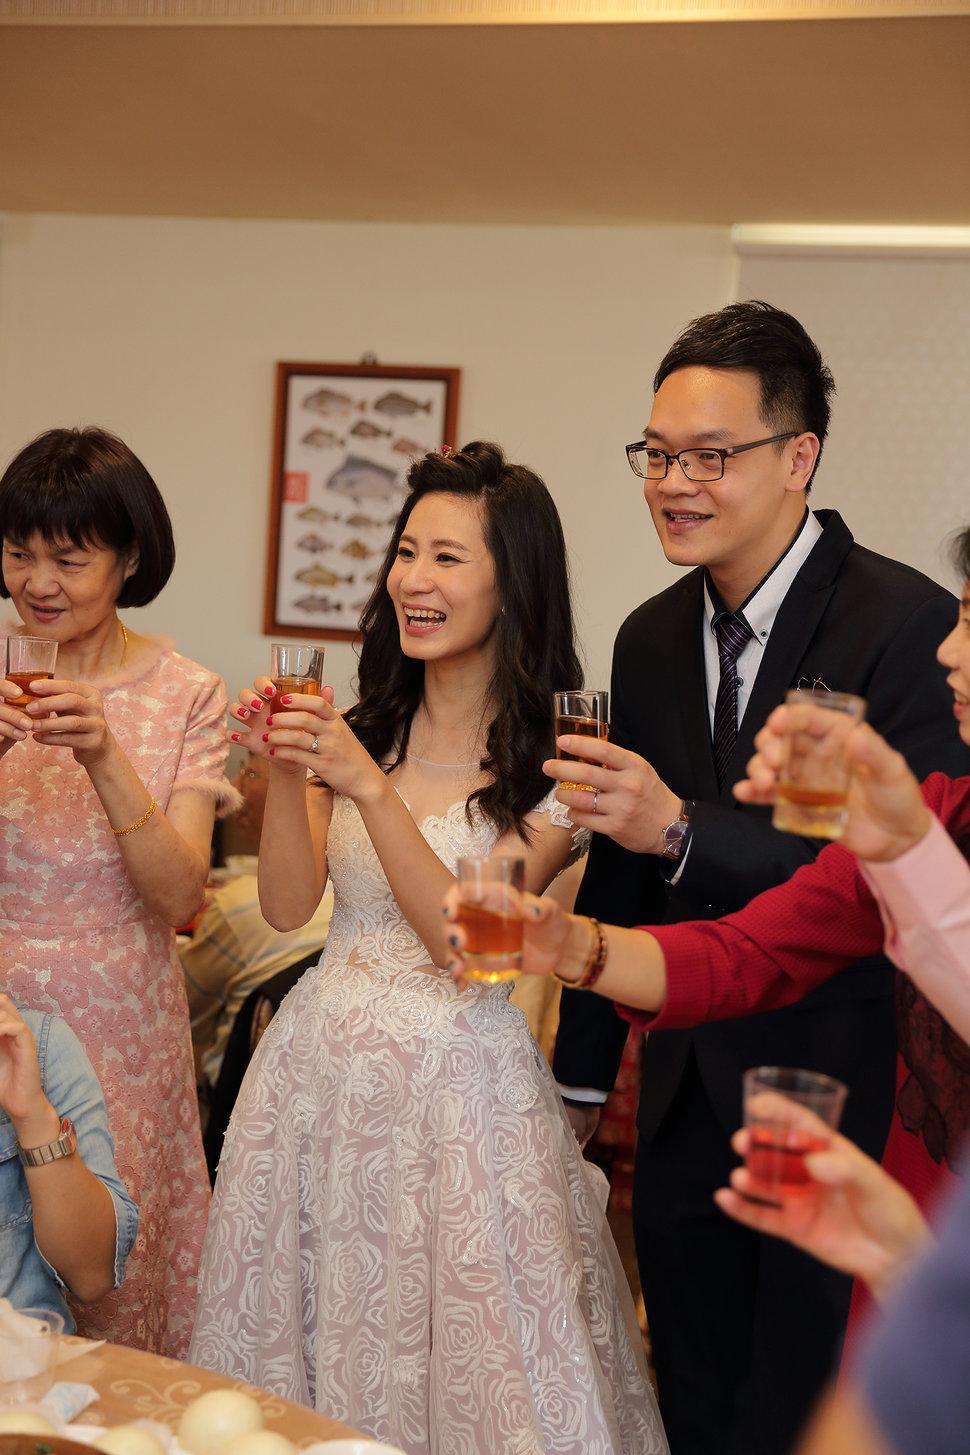 058A1519 - 倪秉影像 婚禮紀實攝影 - 結婚吧